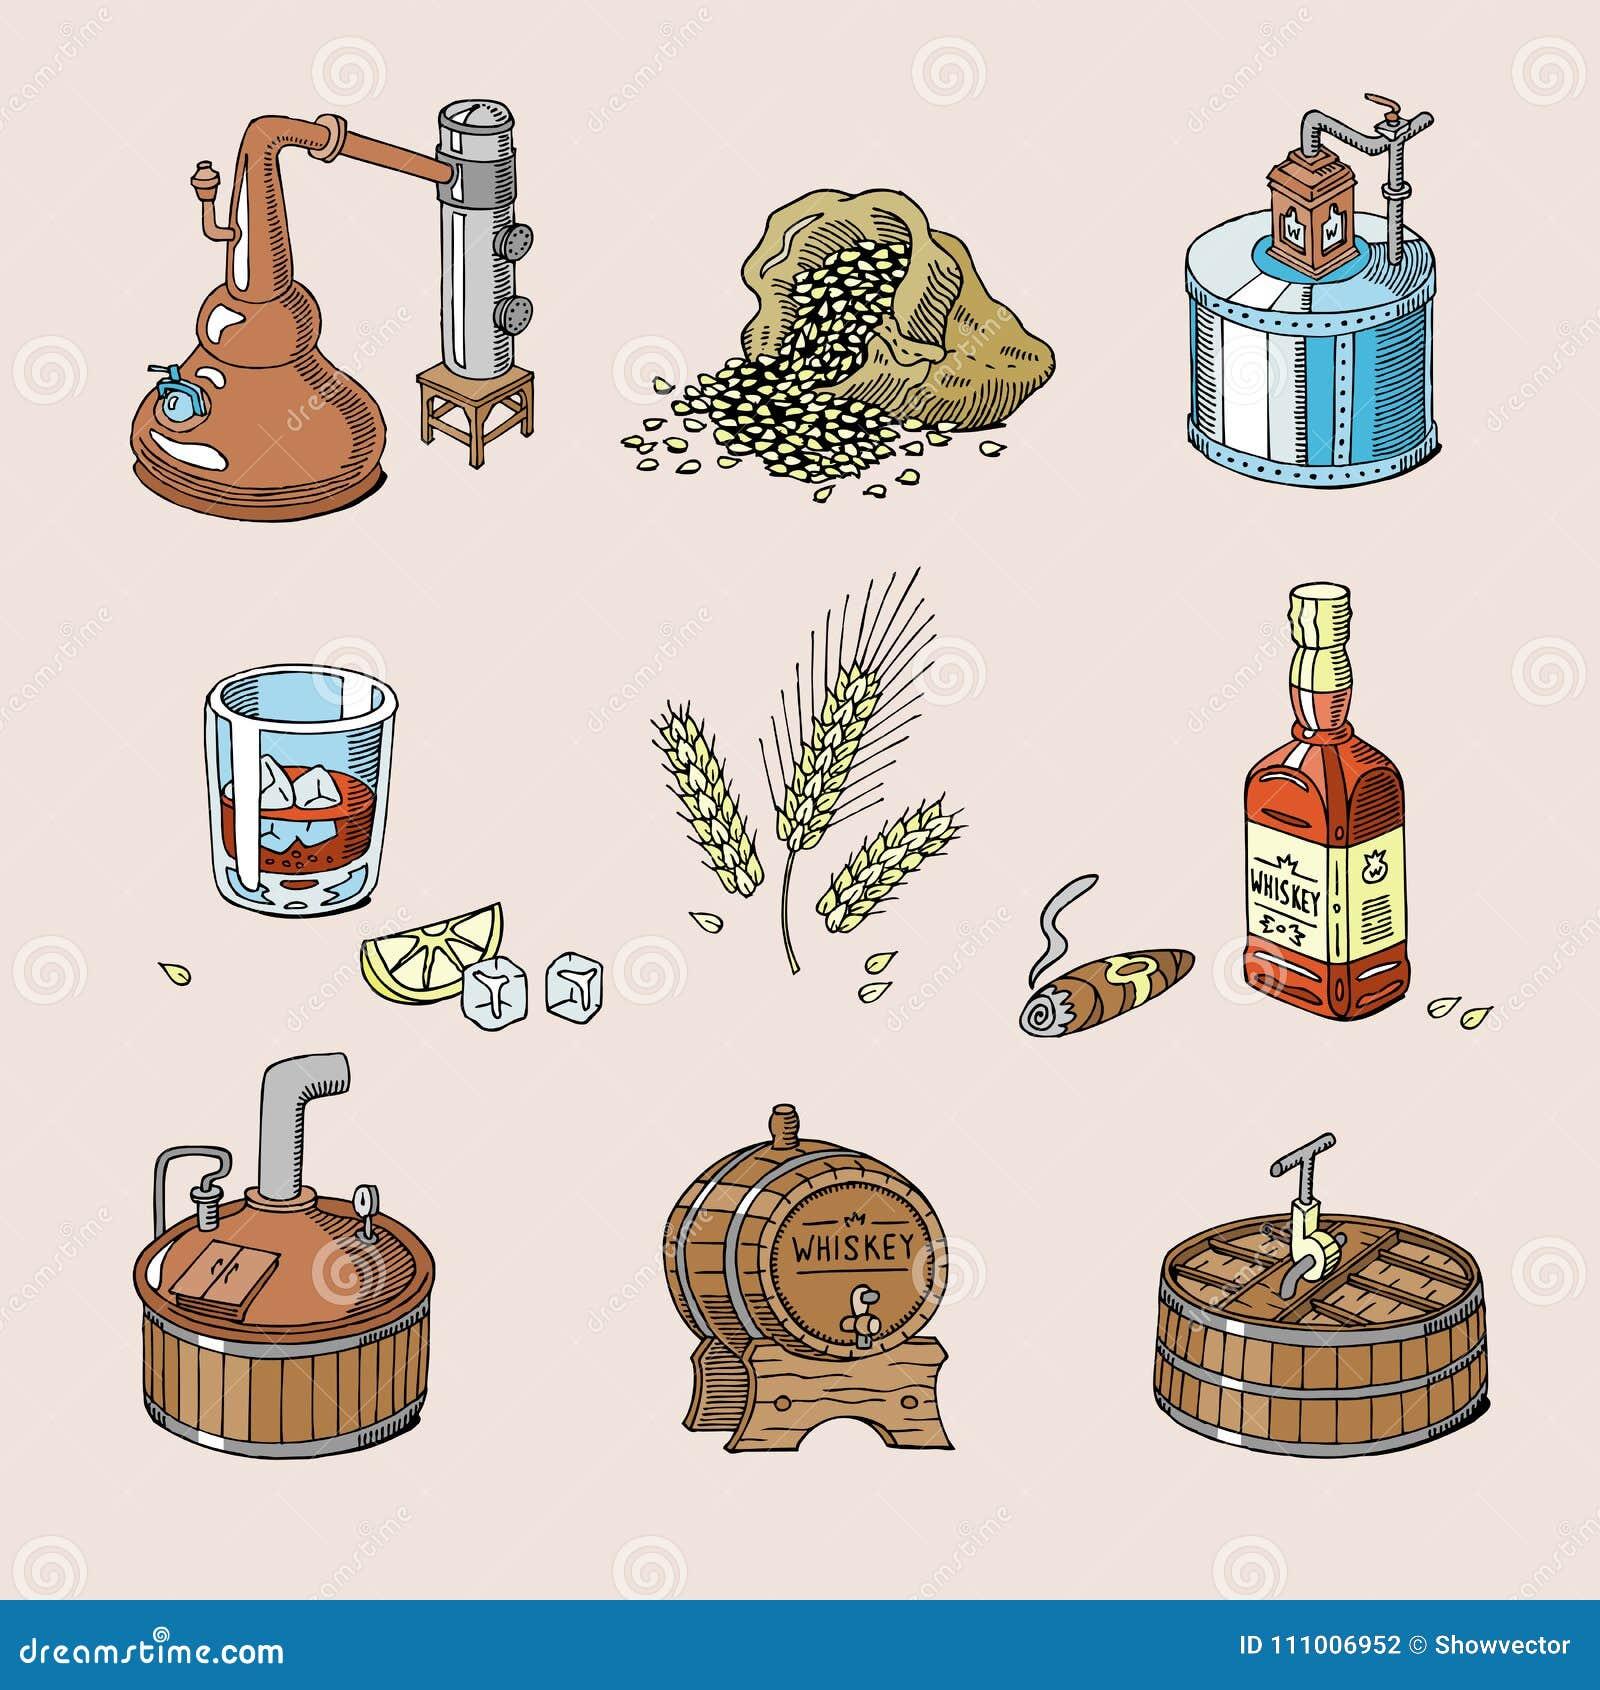 Brandy de la bebida del alcohol del vector del whisky en el vidrio y la bebida escoceses o borbón en el sistema del ejemplo de la